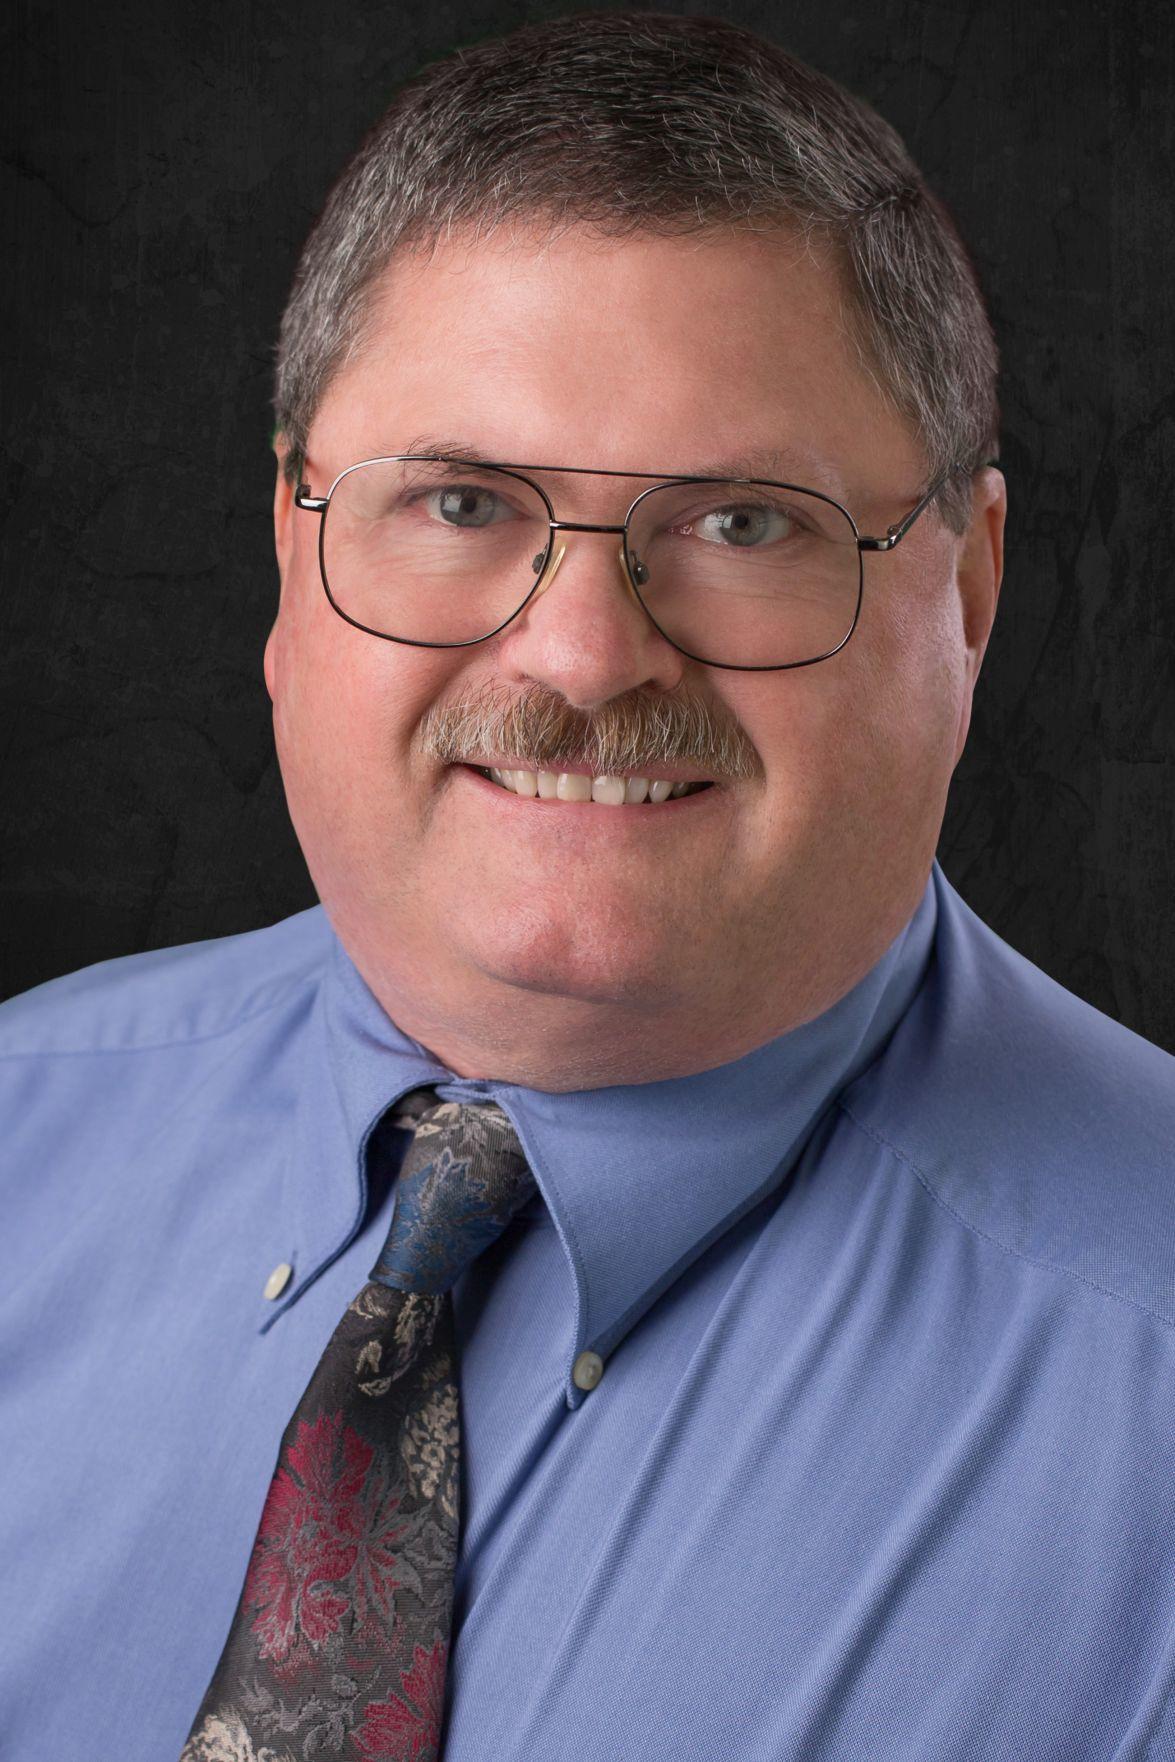 Dean Tucker